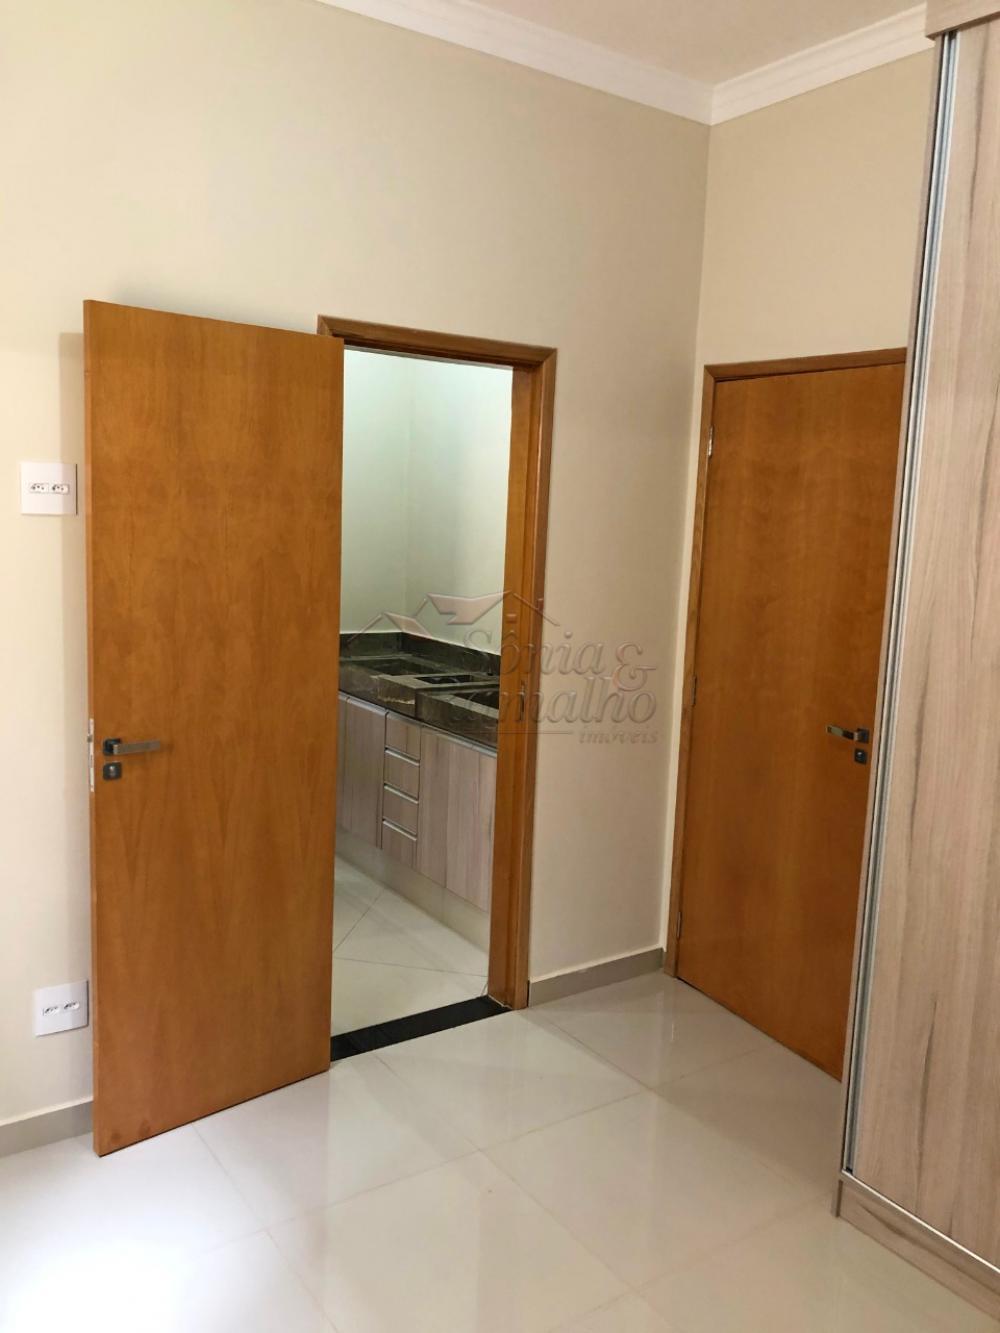 Comprar Casas / Condomínio em Ribeirão Preto apenas R$ 690.000,00 - Foto 30